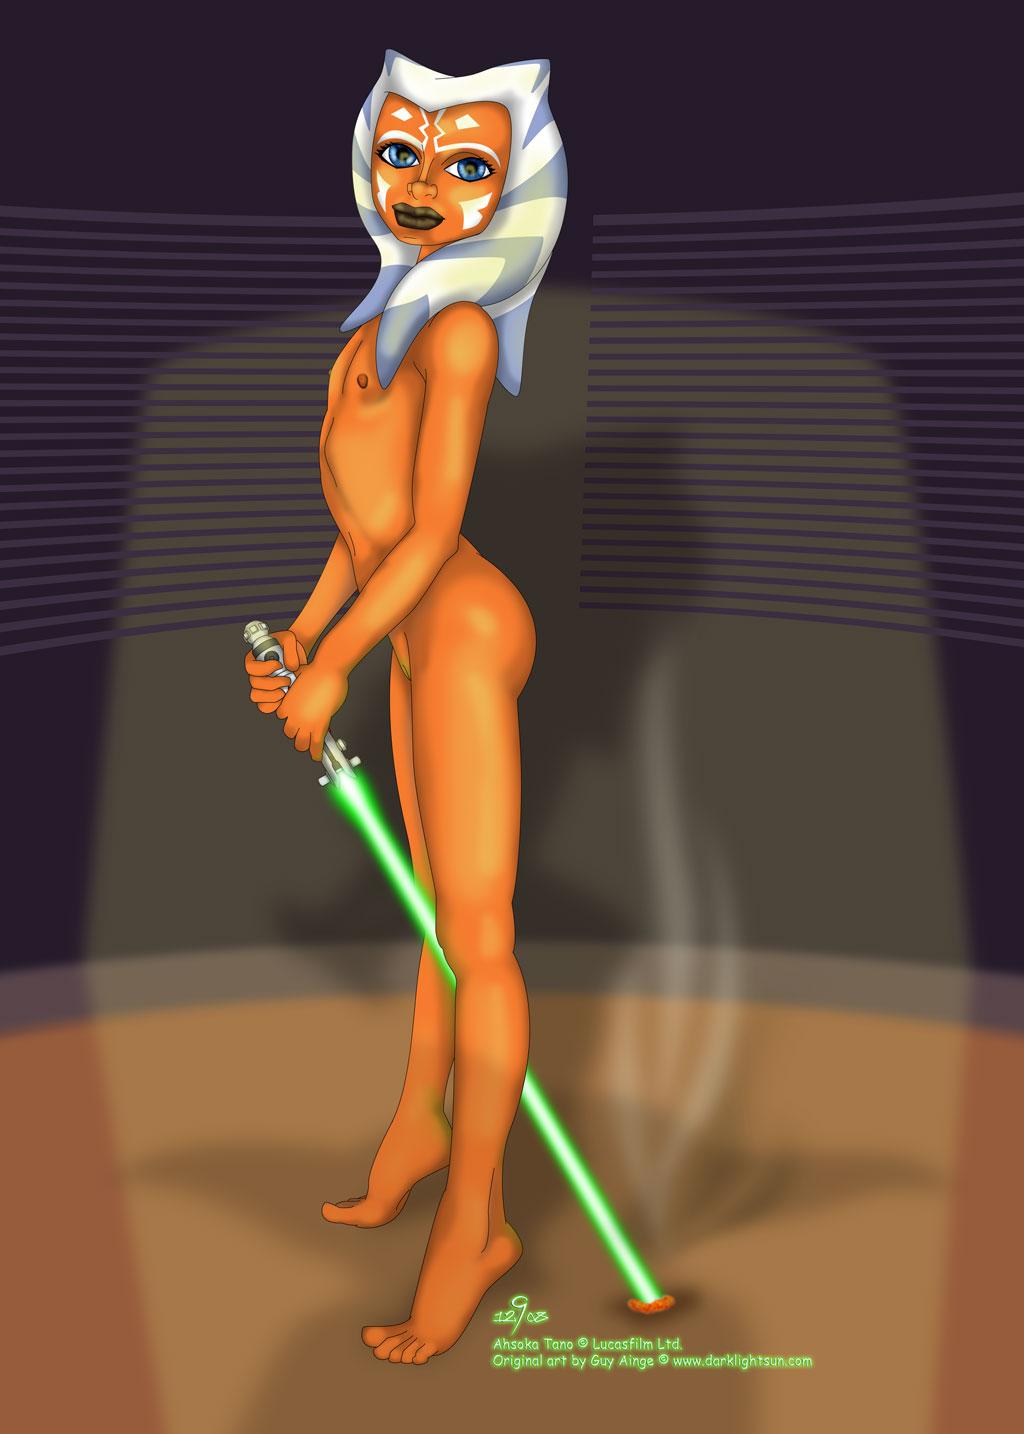 Clone Porn star wars xxx parody online - megapornx